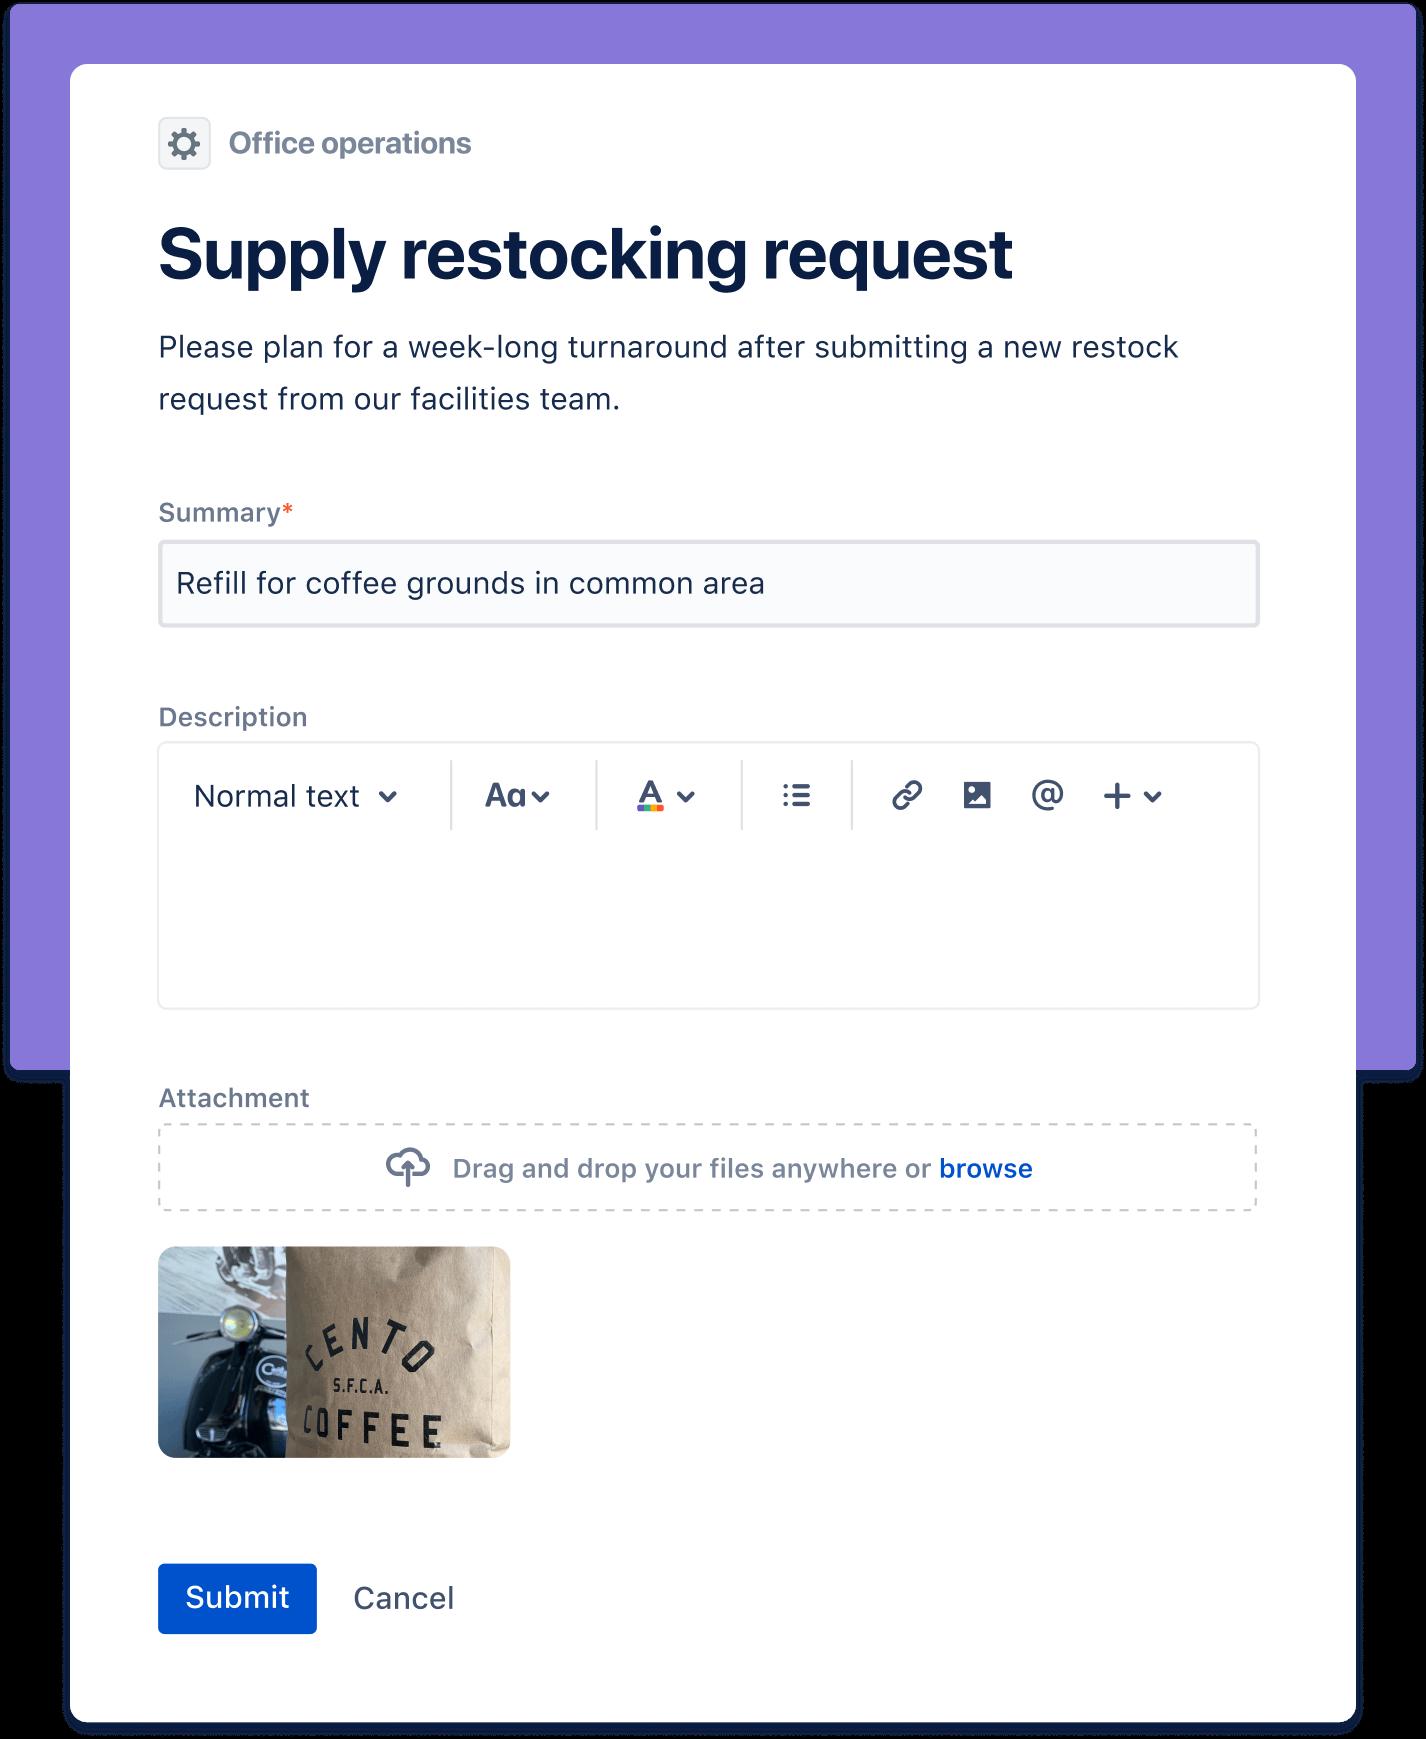 Captura de tela de solicitação de reabastecimento de suprimentos